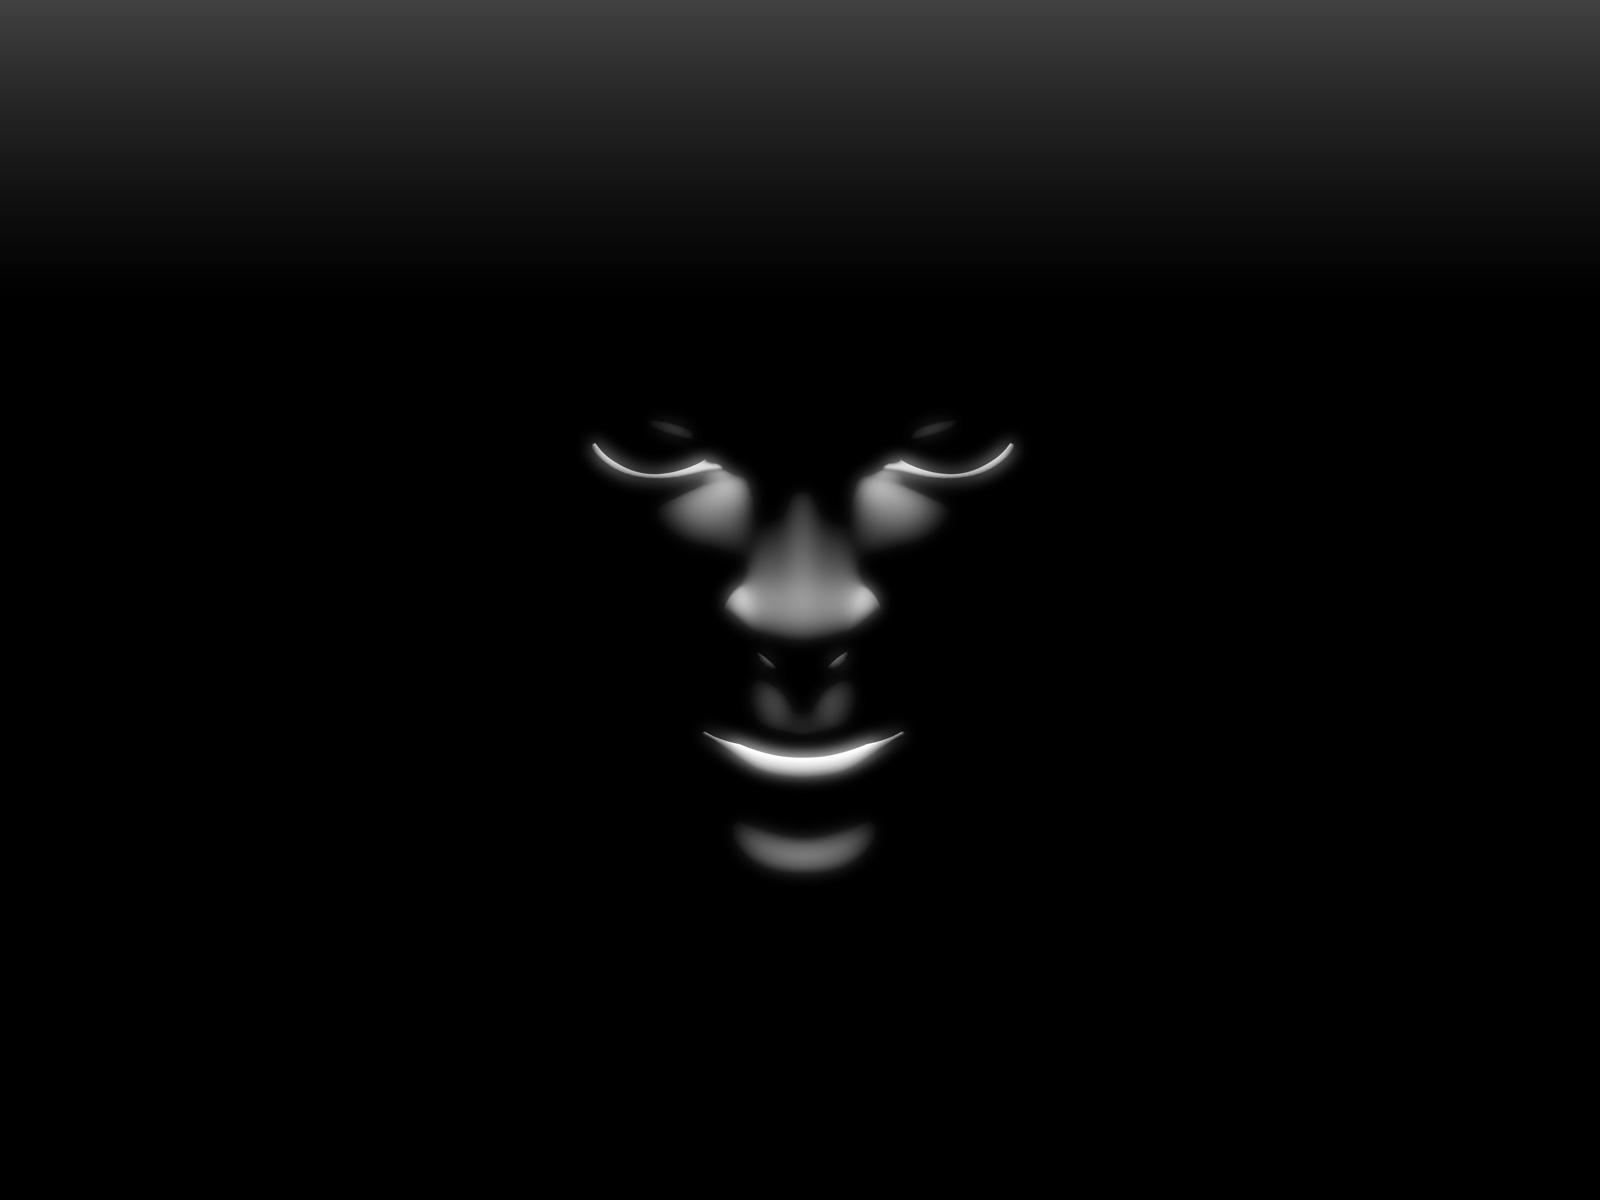 http://2.bp.blogspot.com/-OFwJ928rmJU/T9MNsK1_f_I/AAAAAAAACrU/MEb87GzoM0Y/s1600/Black+Art+Wallpaper+HD+(4).jpg